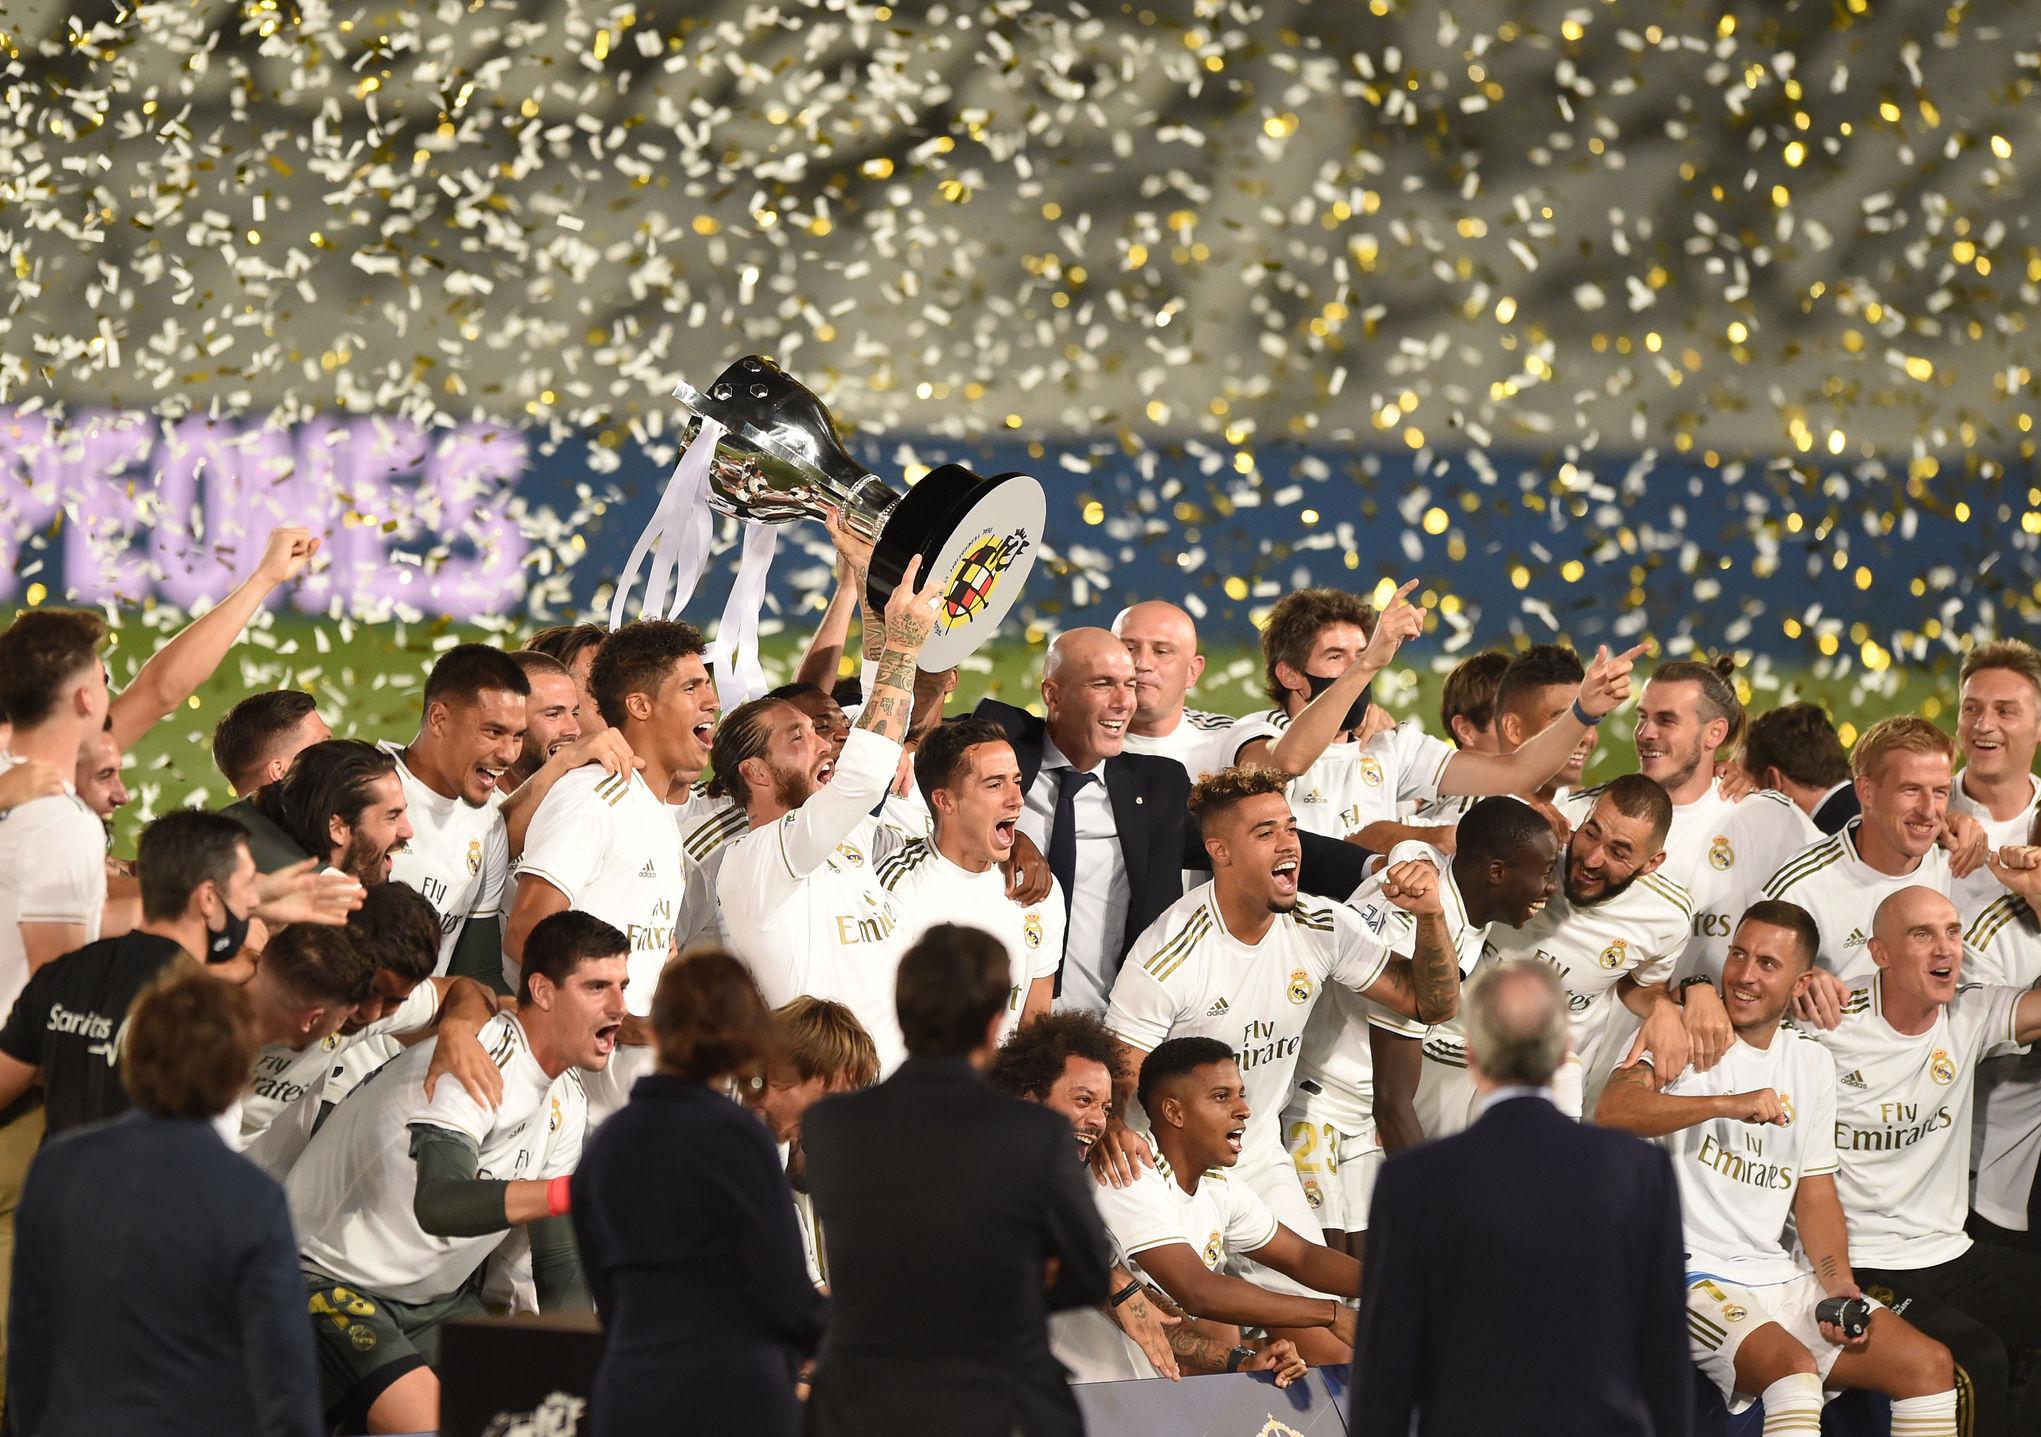 Чемпионство Реала, кризисы Барселоны и Валенсии, новые форматы кубков. Главные события Примеры-2020 - изображение 5